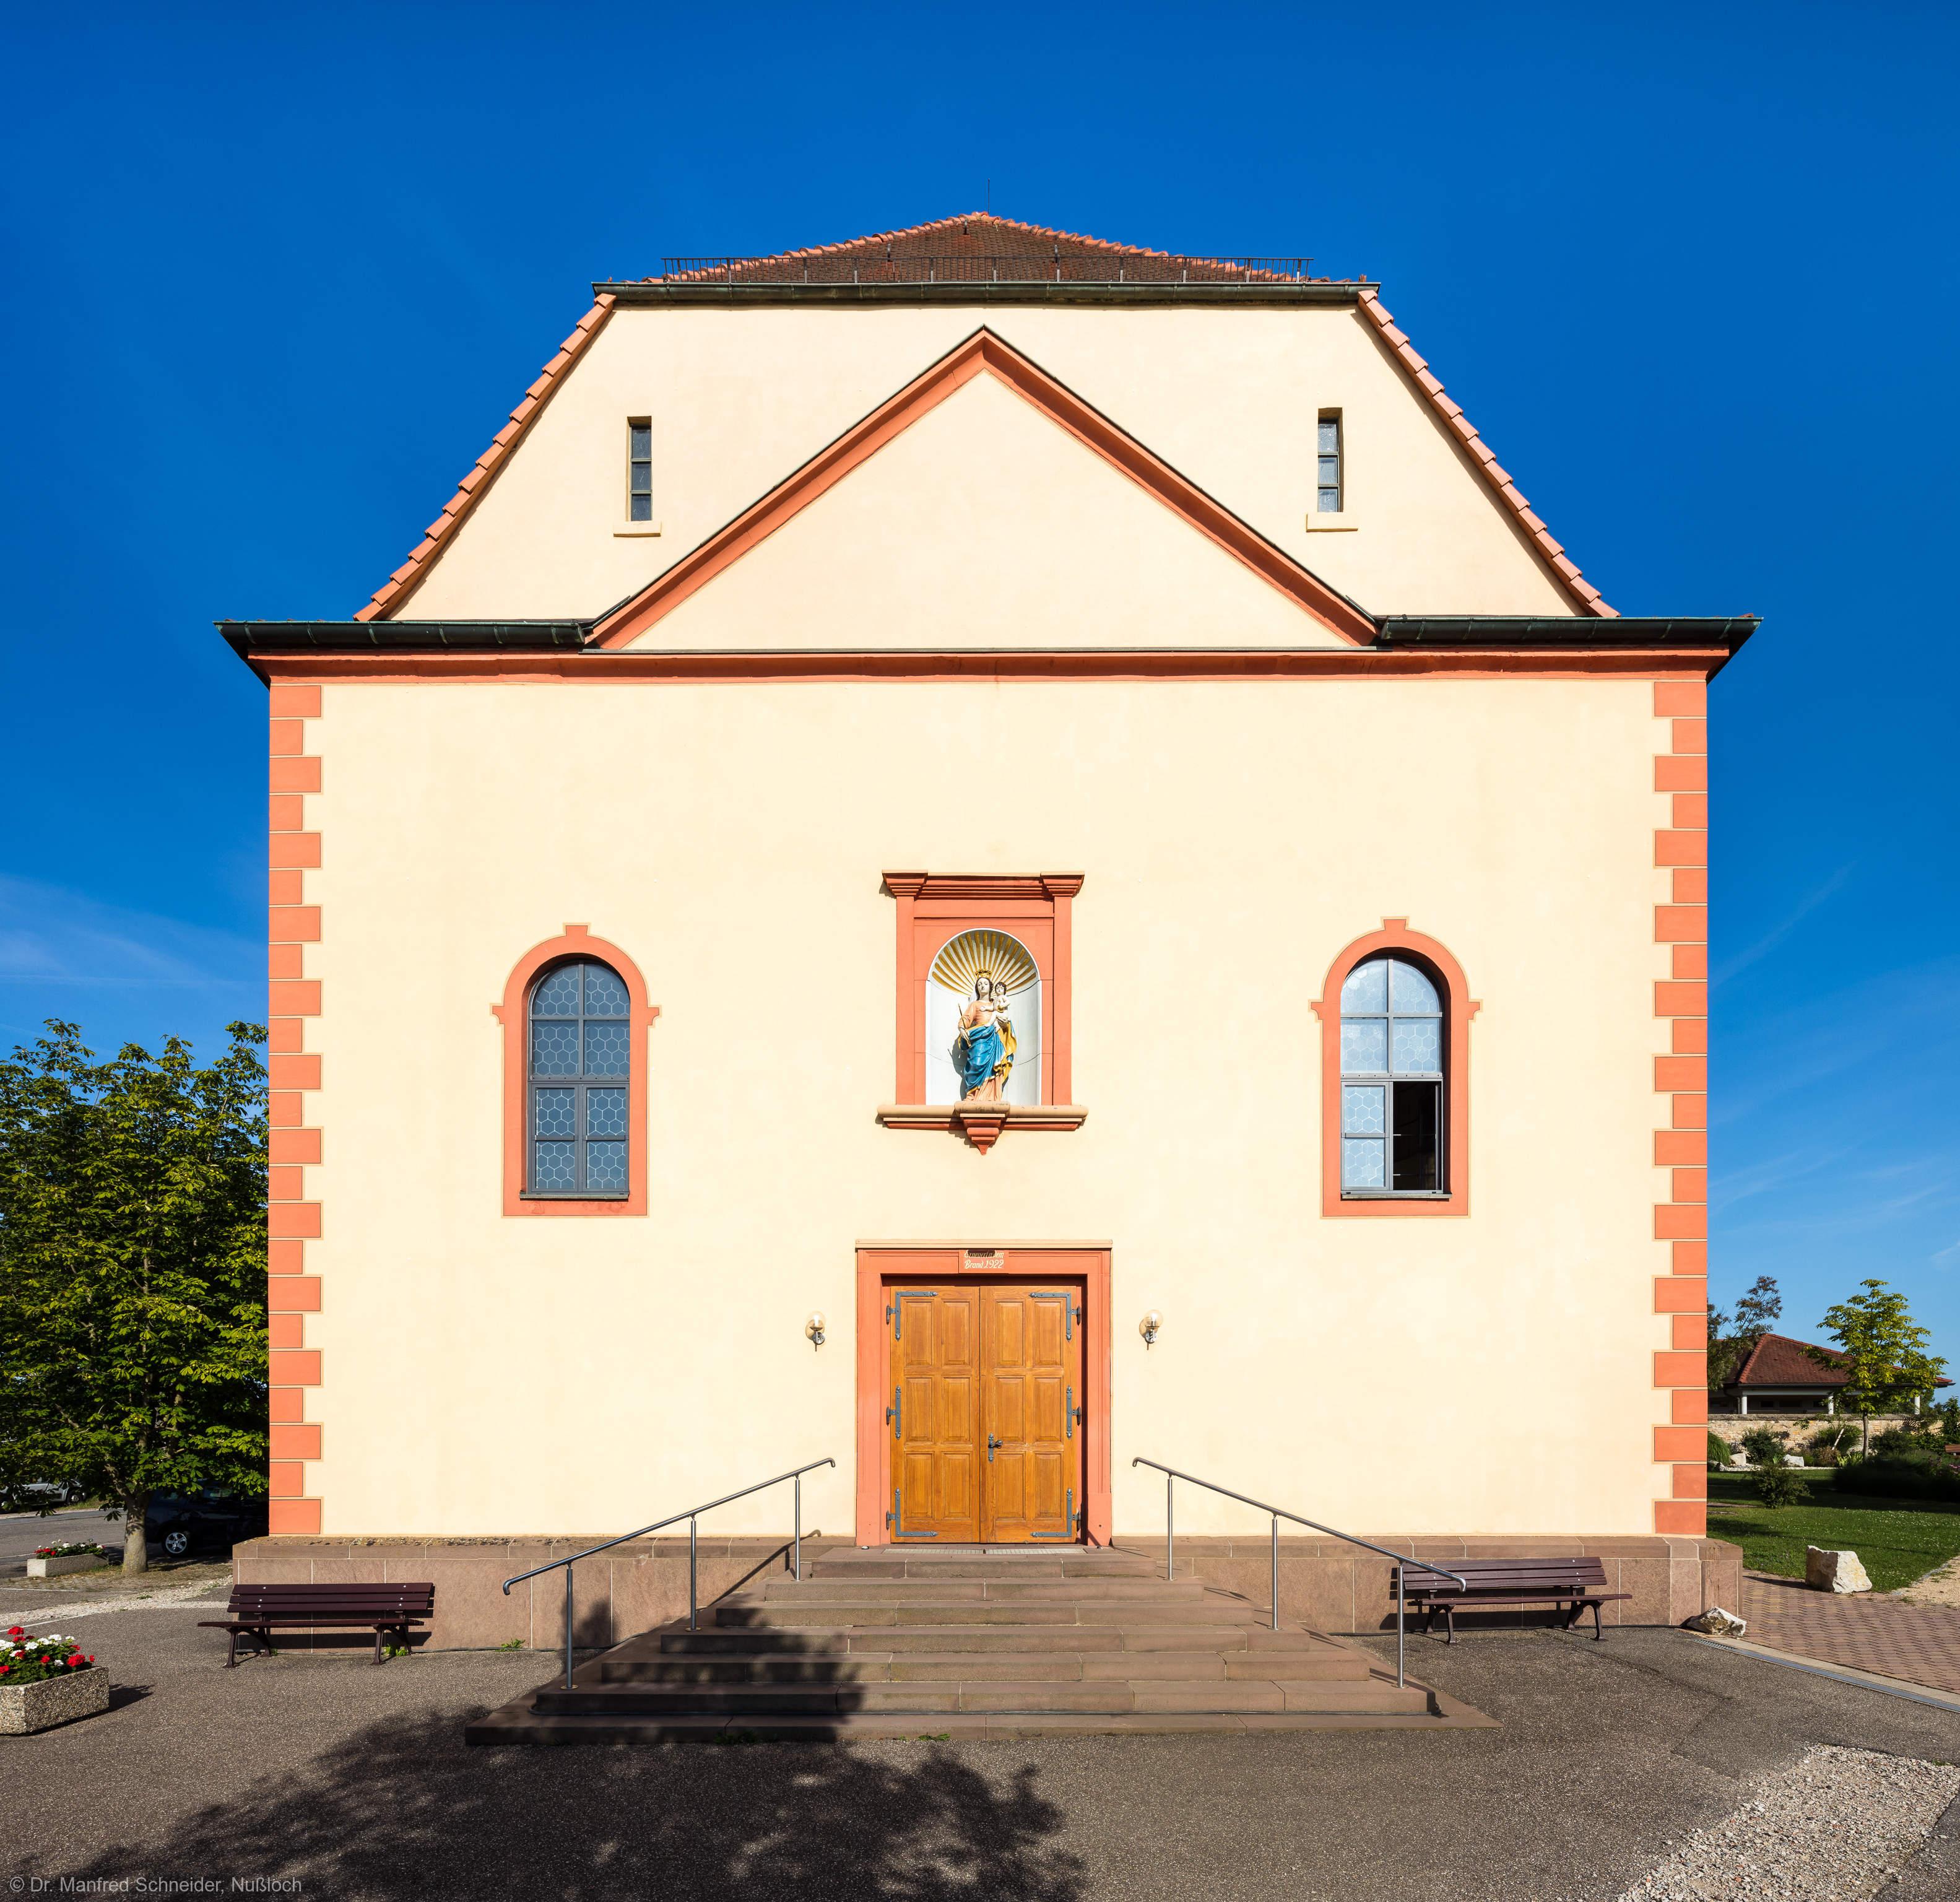 Waghäusel - Wallfahrtskirche - Von Außen / Von Westen - Blick auf die Westfassade im Abendlicht (aufgenommen im Juli 2019, am frühen Abend)